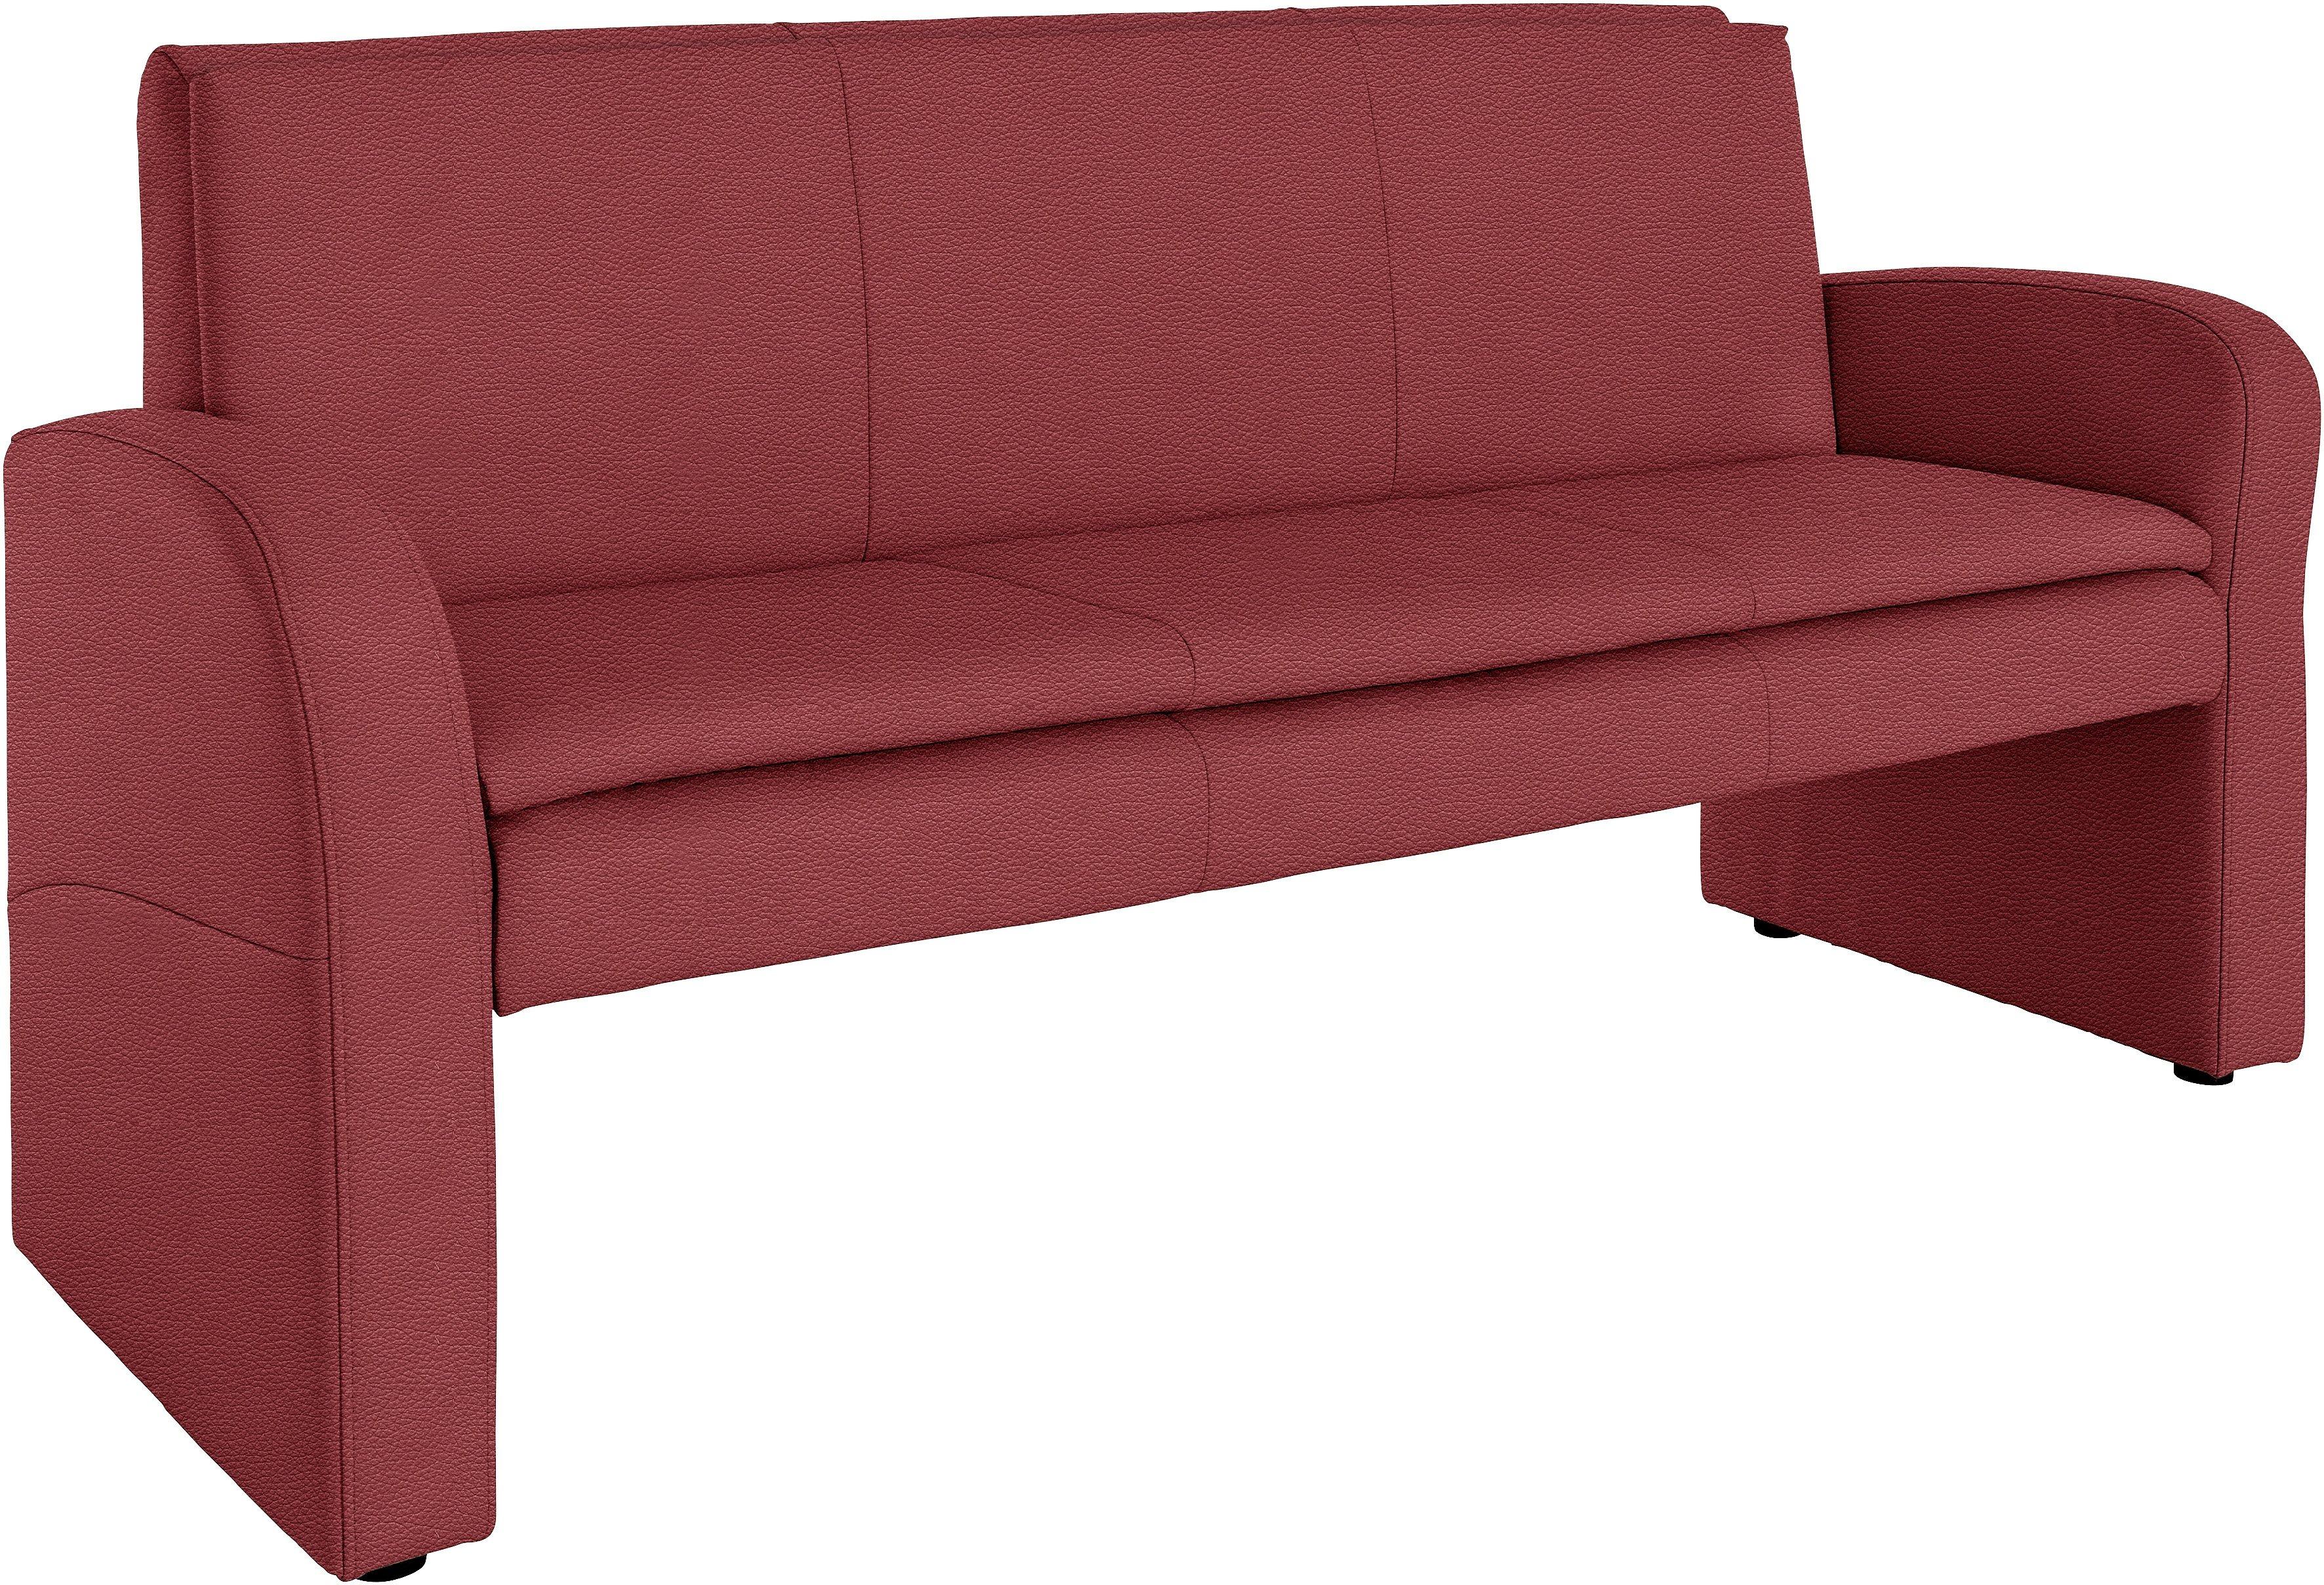 haute normandie einfache sitzb nke online kaufen m bel. Black Bedroom Furniture Sets. Home Design Ideas